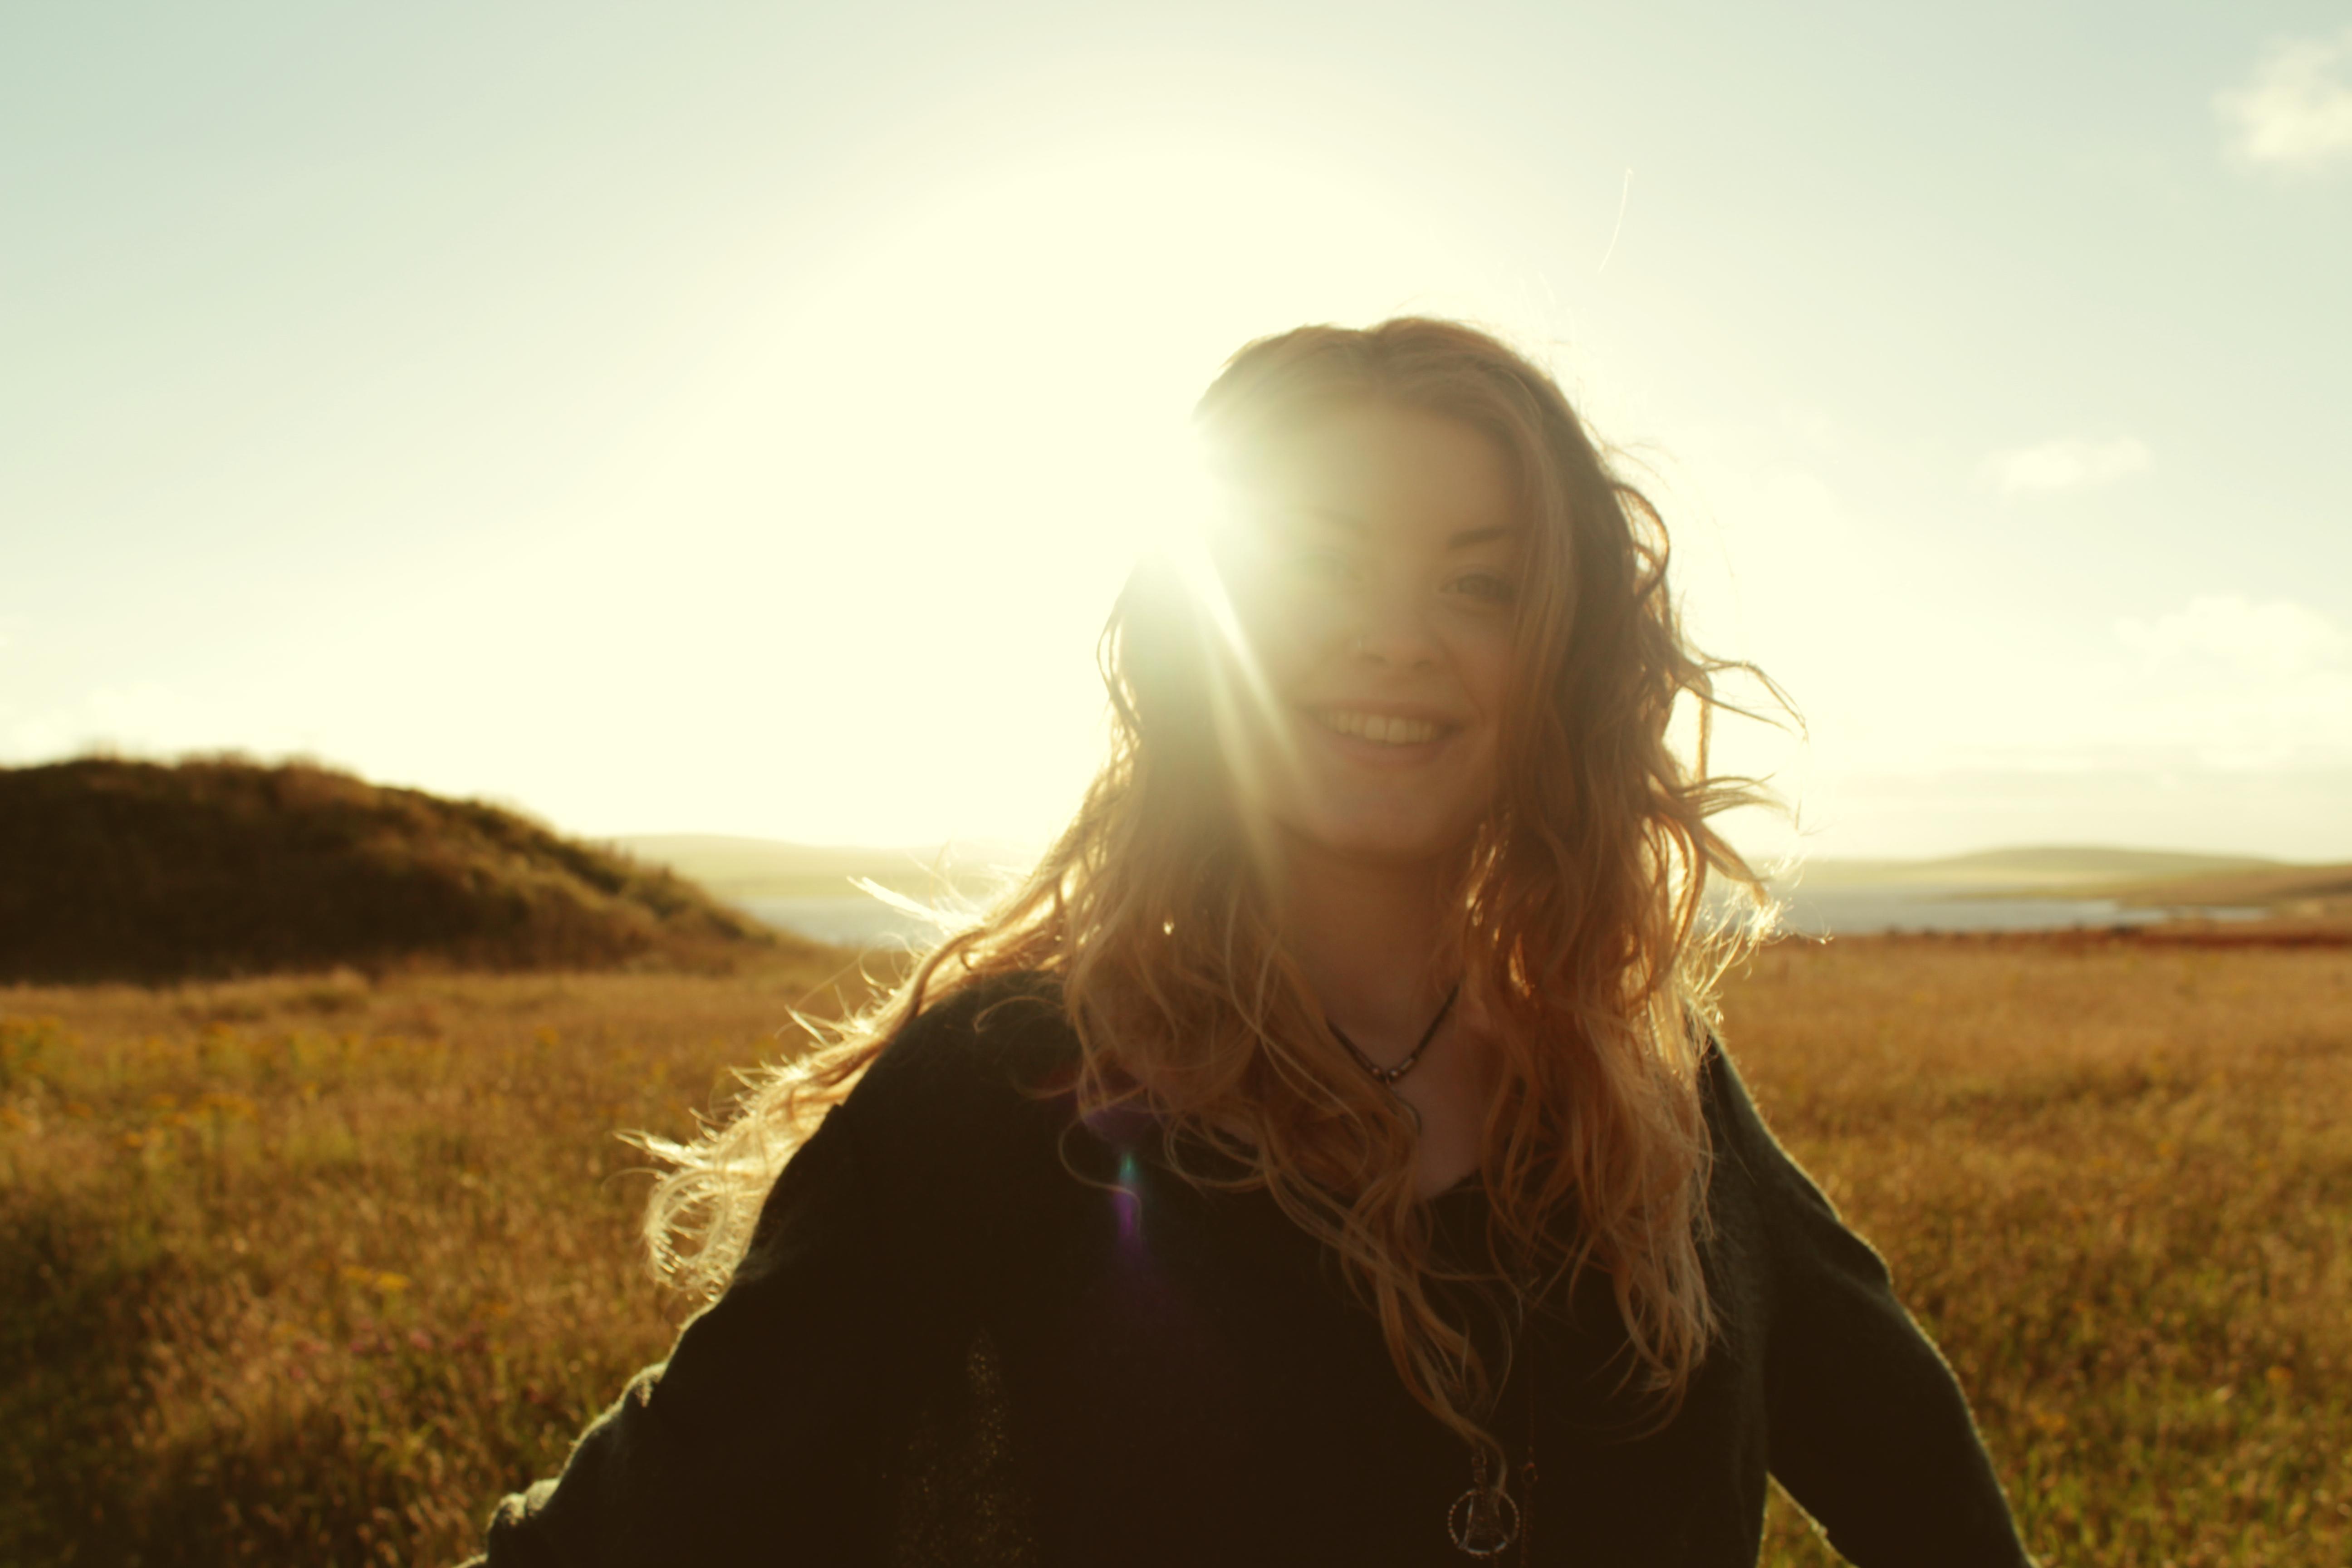 друзьями она фотографии когда солнце в лицо умолчанию стандартной клавиатуре